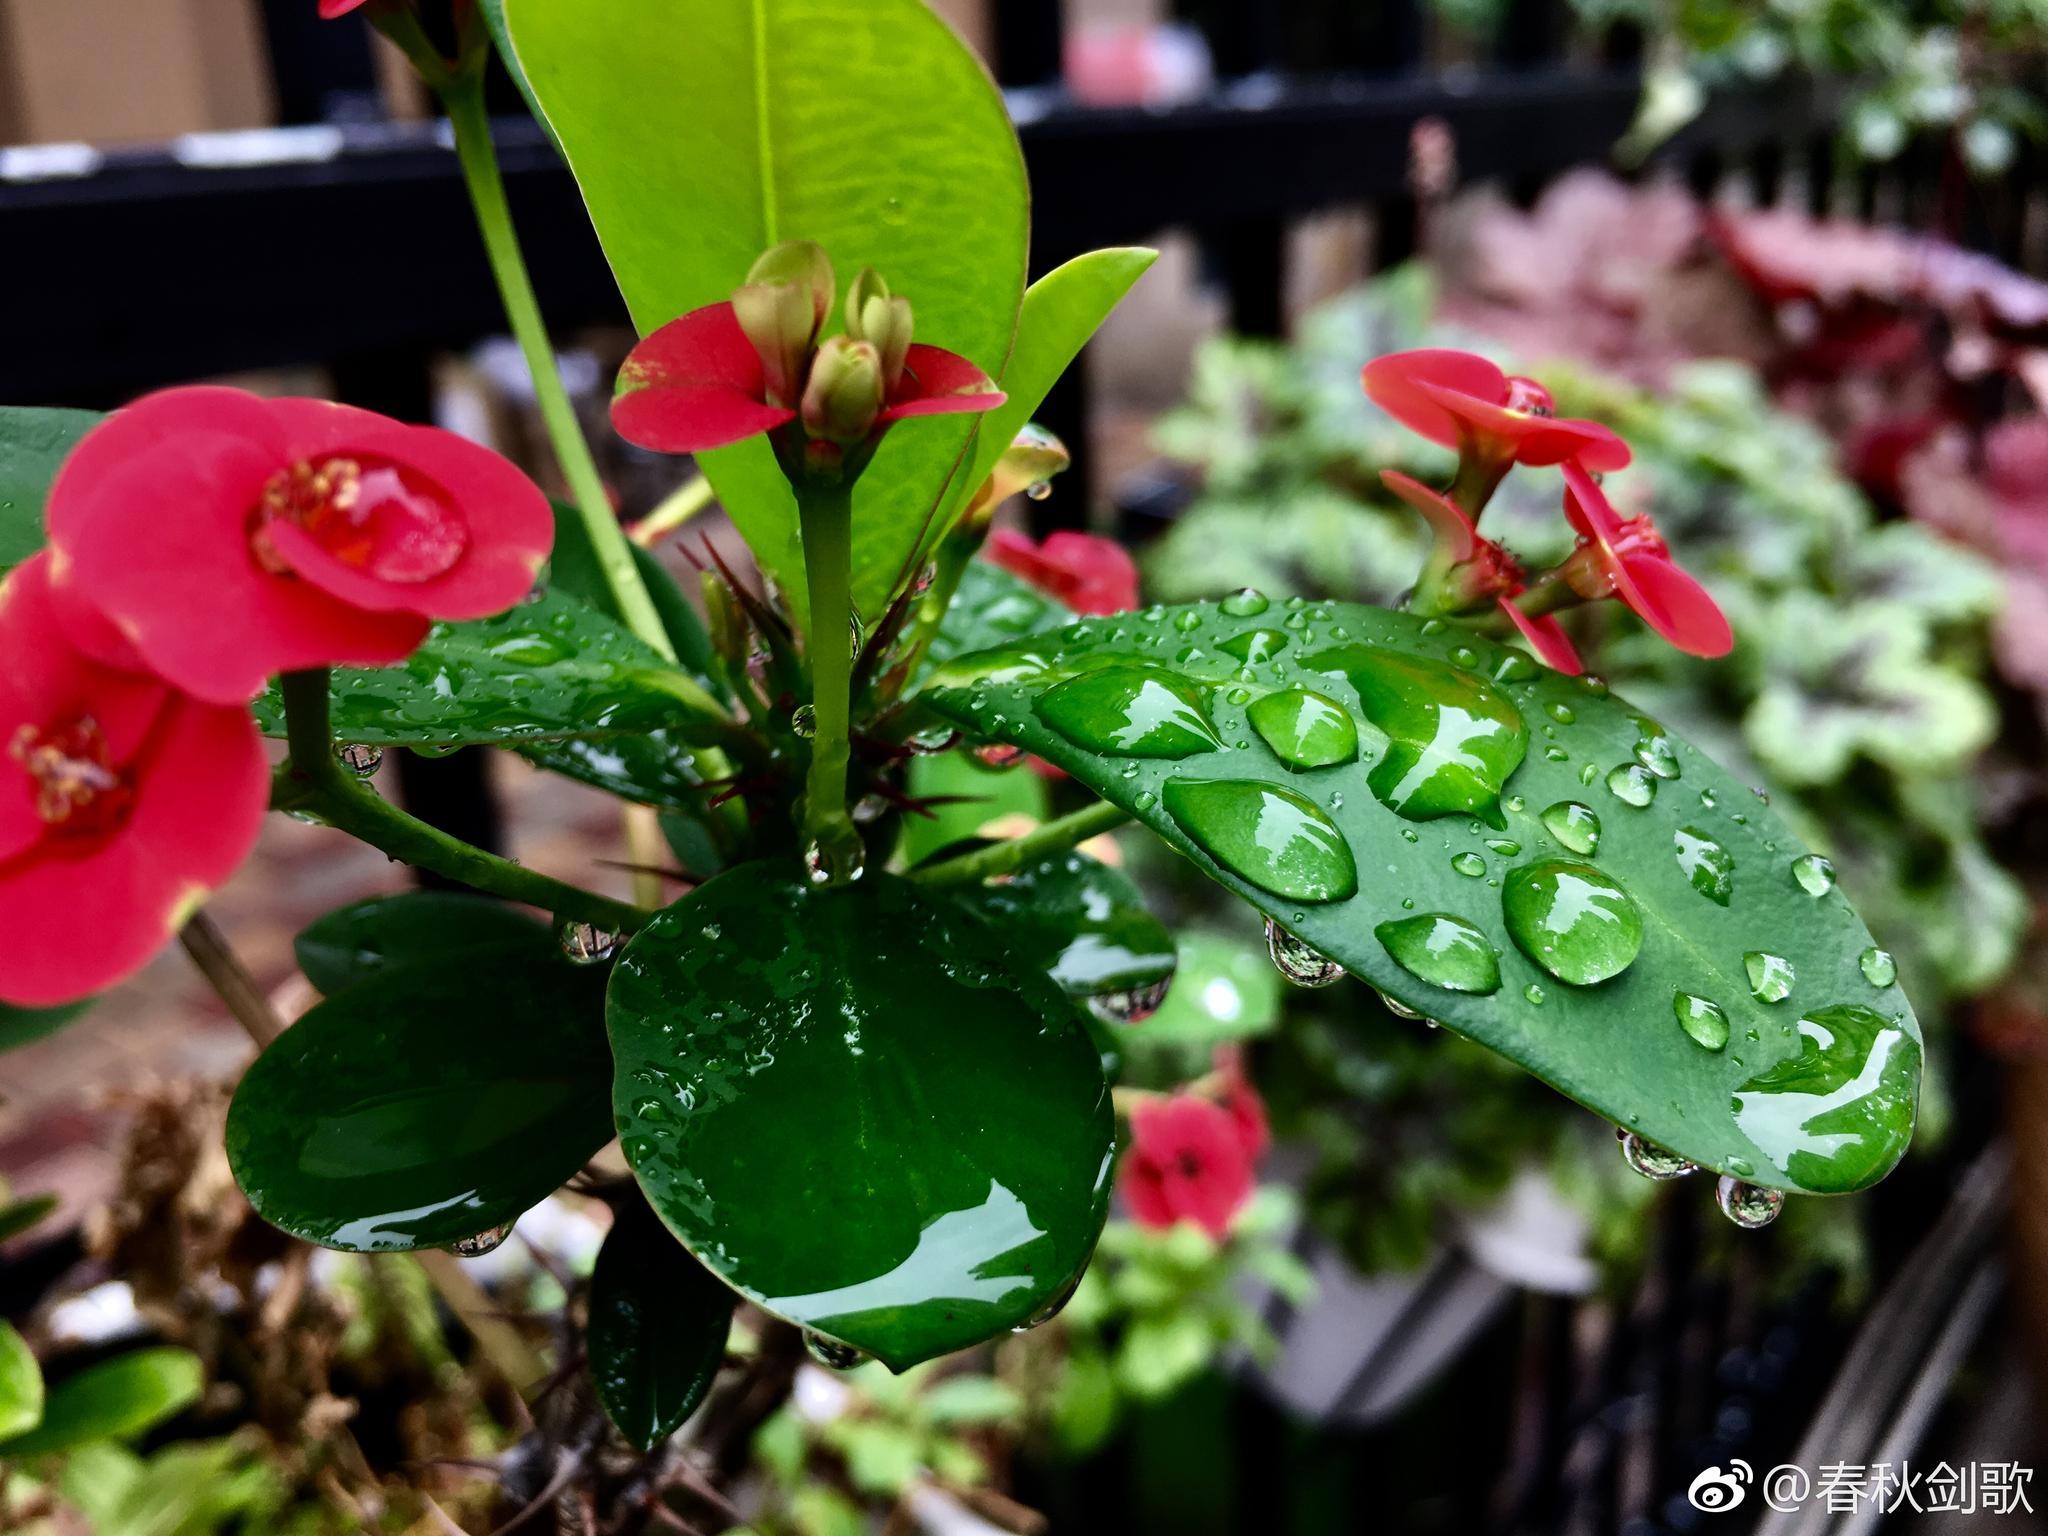 听雨,赏花。_新浪看点(引用:春秋剑歌) - 咱当兵的人 - 朋友多了路好走,有缘是朋友。